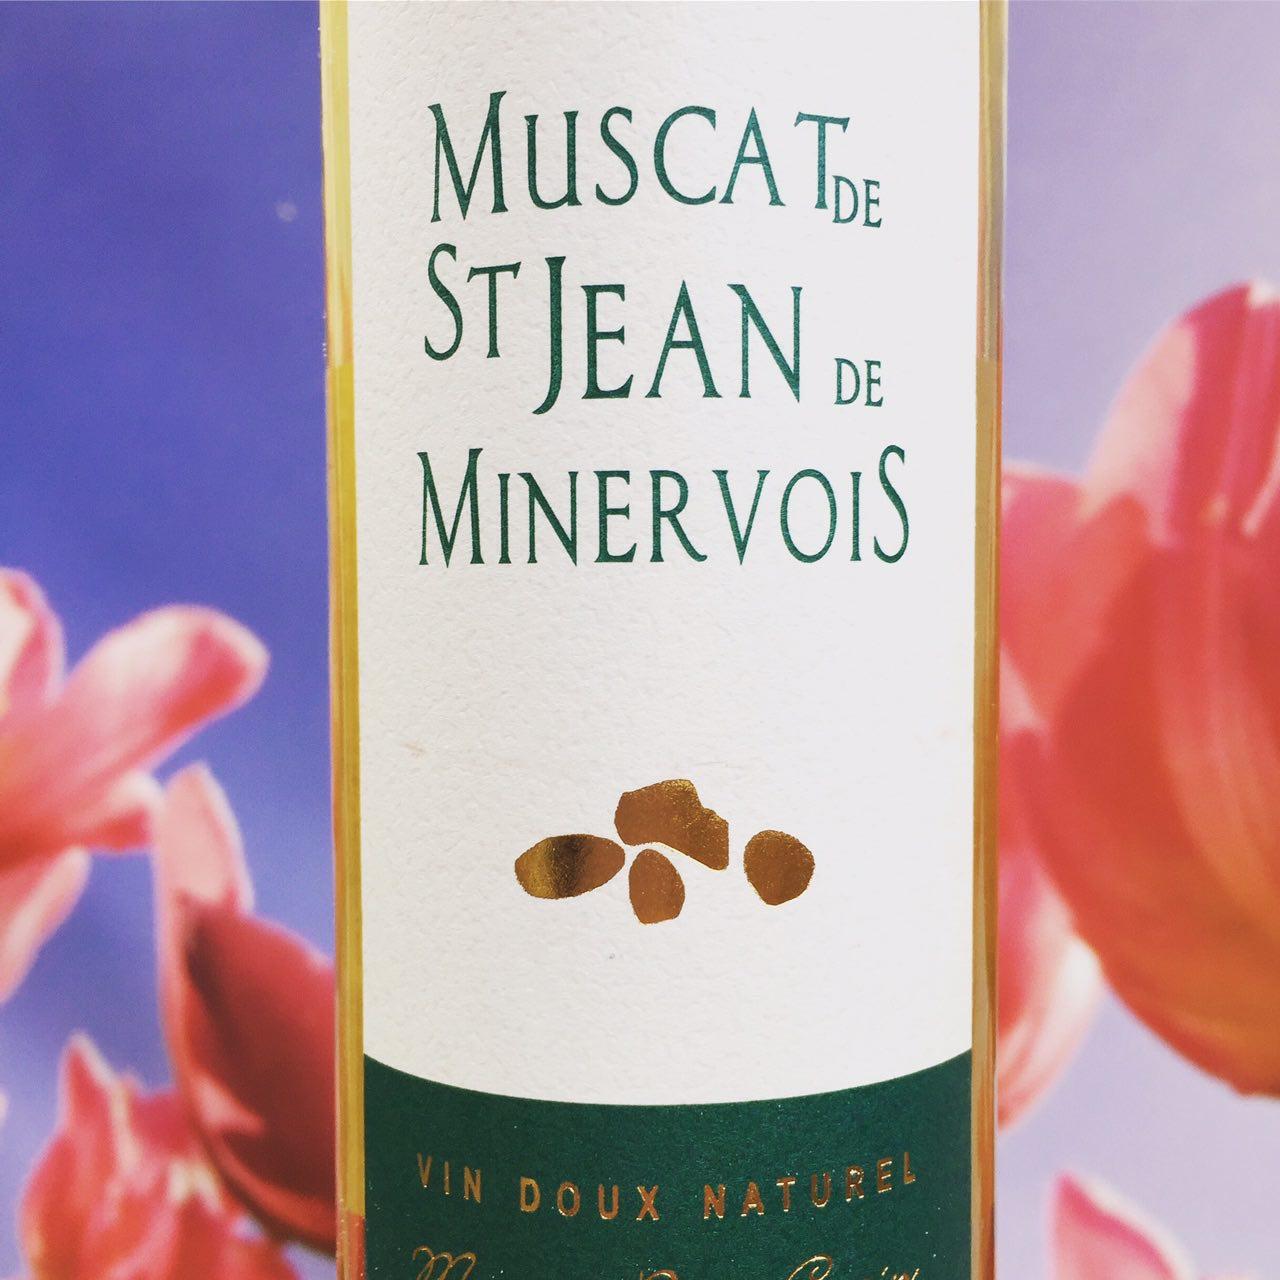 Muscat de St Jean de Minervois